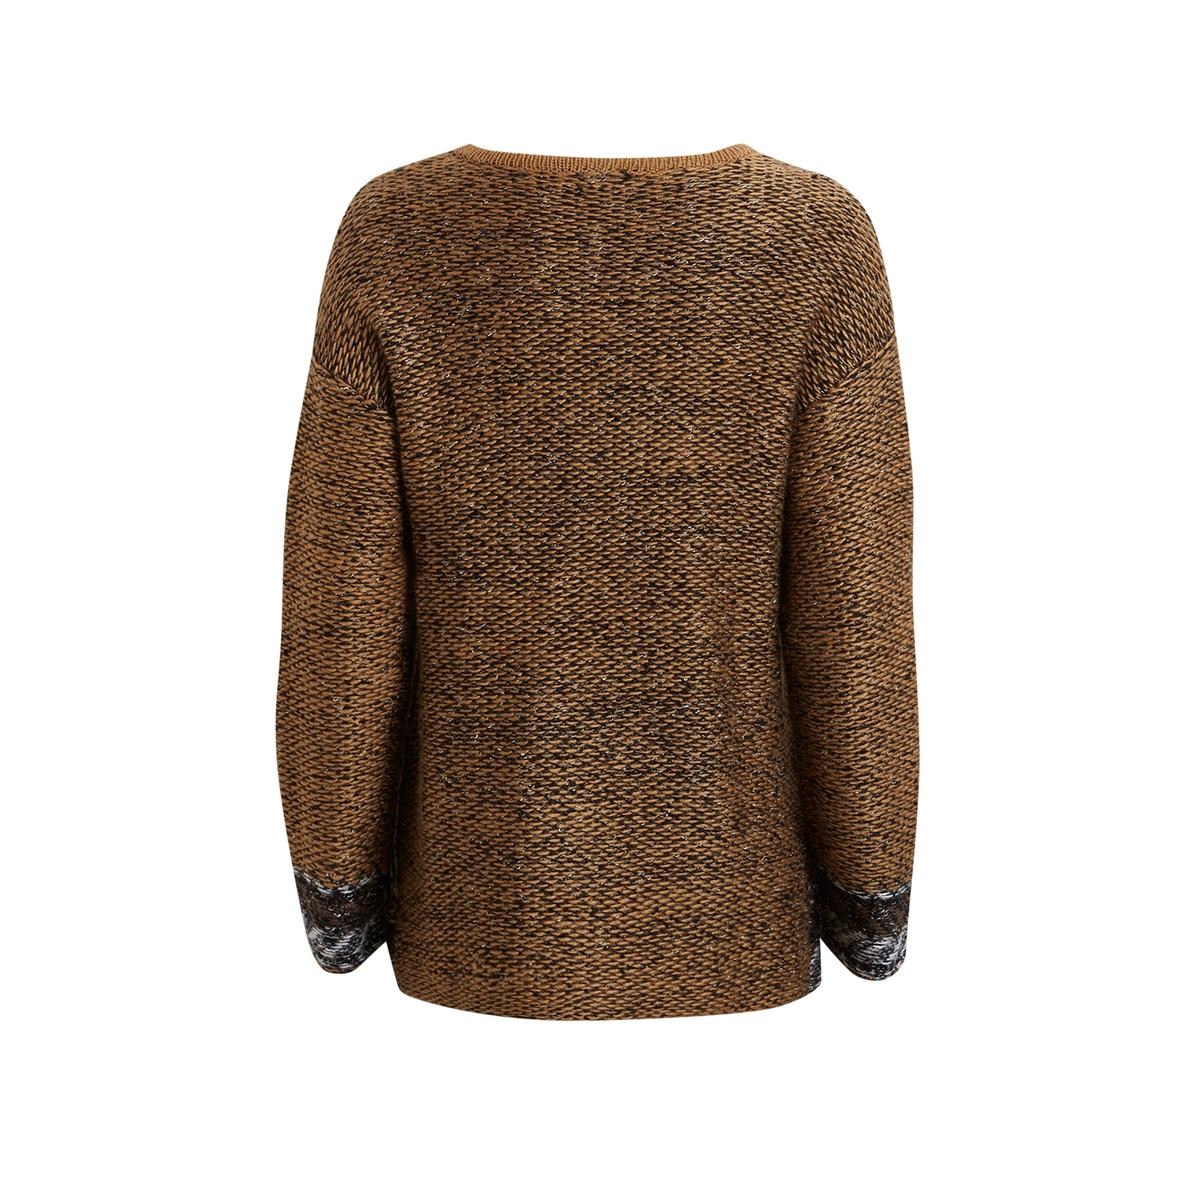 Пуловер VIMOUNTAIN KNIT TOPПуловер VIMOUNTAIN KNIT TOP от VILA . Пуловер прямого покроя. Длинные рукава. Свободный круглый вырез. Боковые карманы.Состав и описание :Материал : 37% акрила, 30% шерсти, 20% хлопка, 13% полиэстера Марка : VILA.<br><br>Цвет: ореховый<br>Размер: M